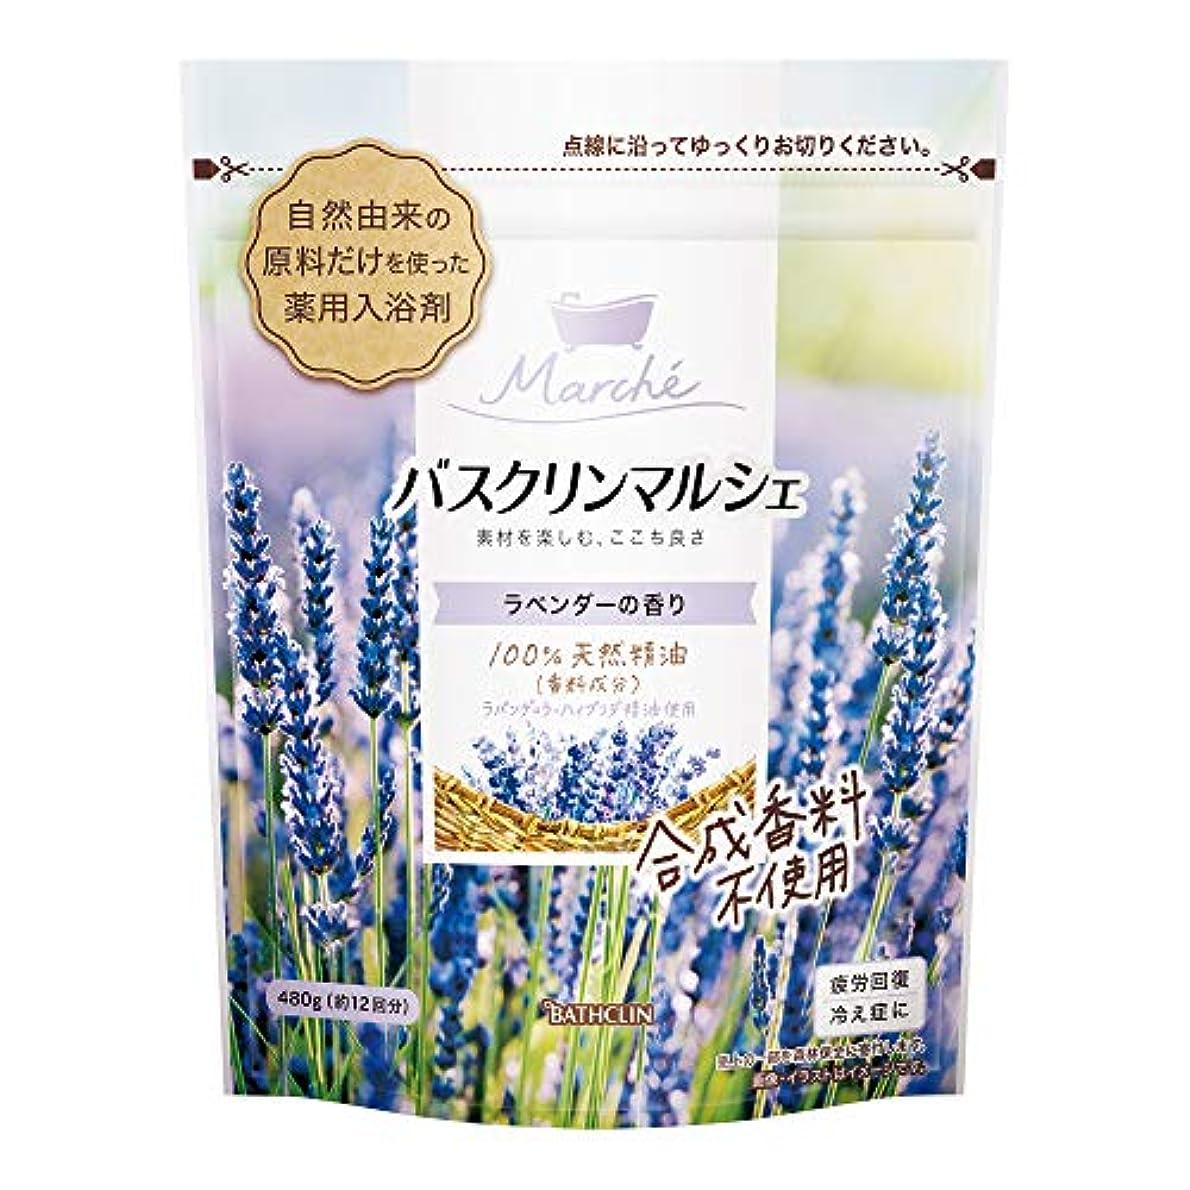 不利益決定する全国バスクリンマルシェラベンダーの香り 入浴剤 そよ風に揺れる花を想わせるラベンダーの香りの入浴剤 480g